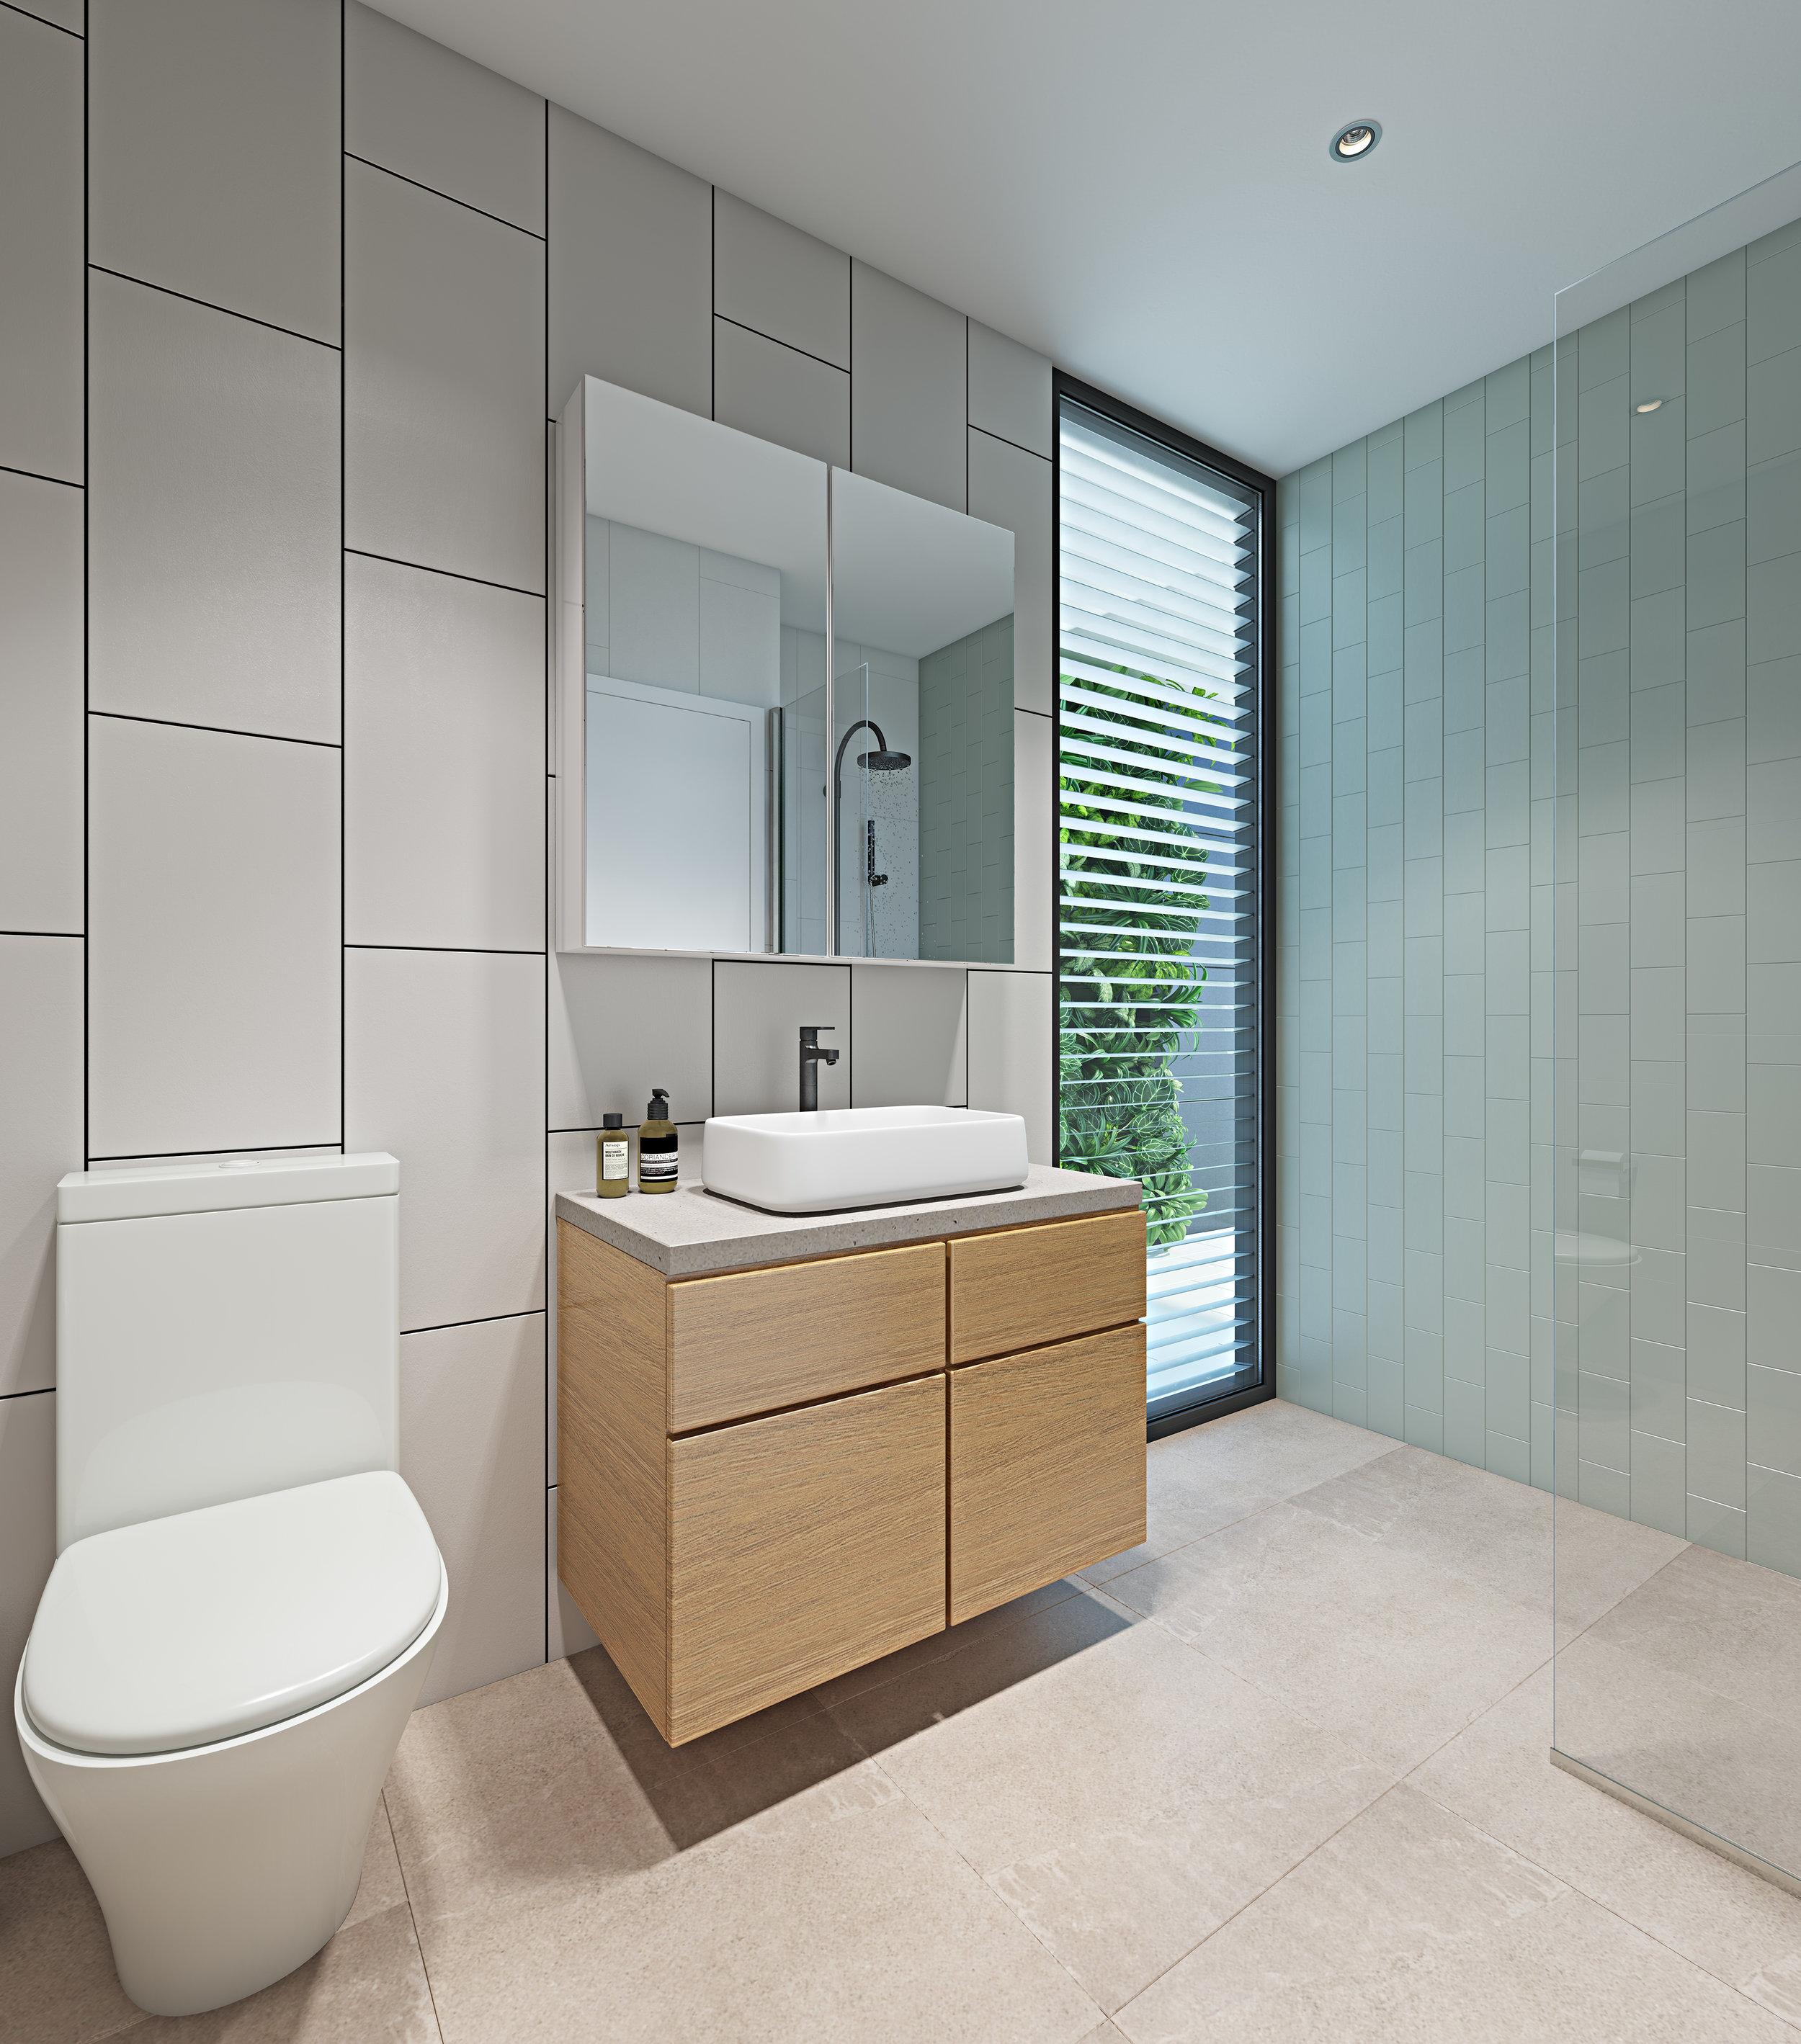 Zinc_Bathroom.jpg